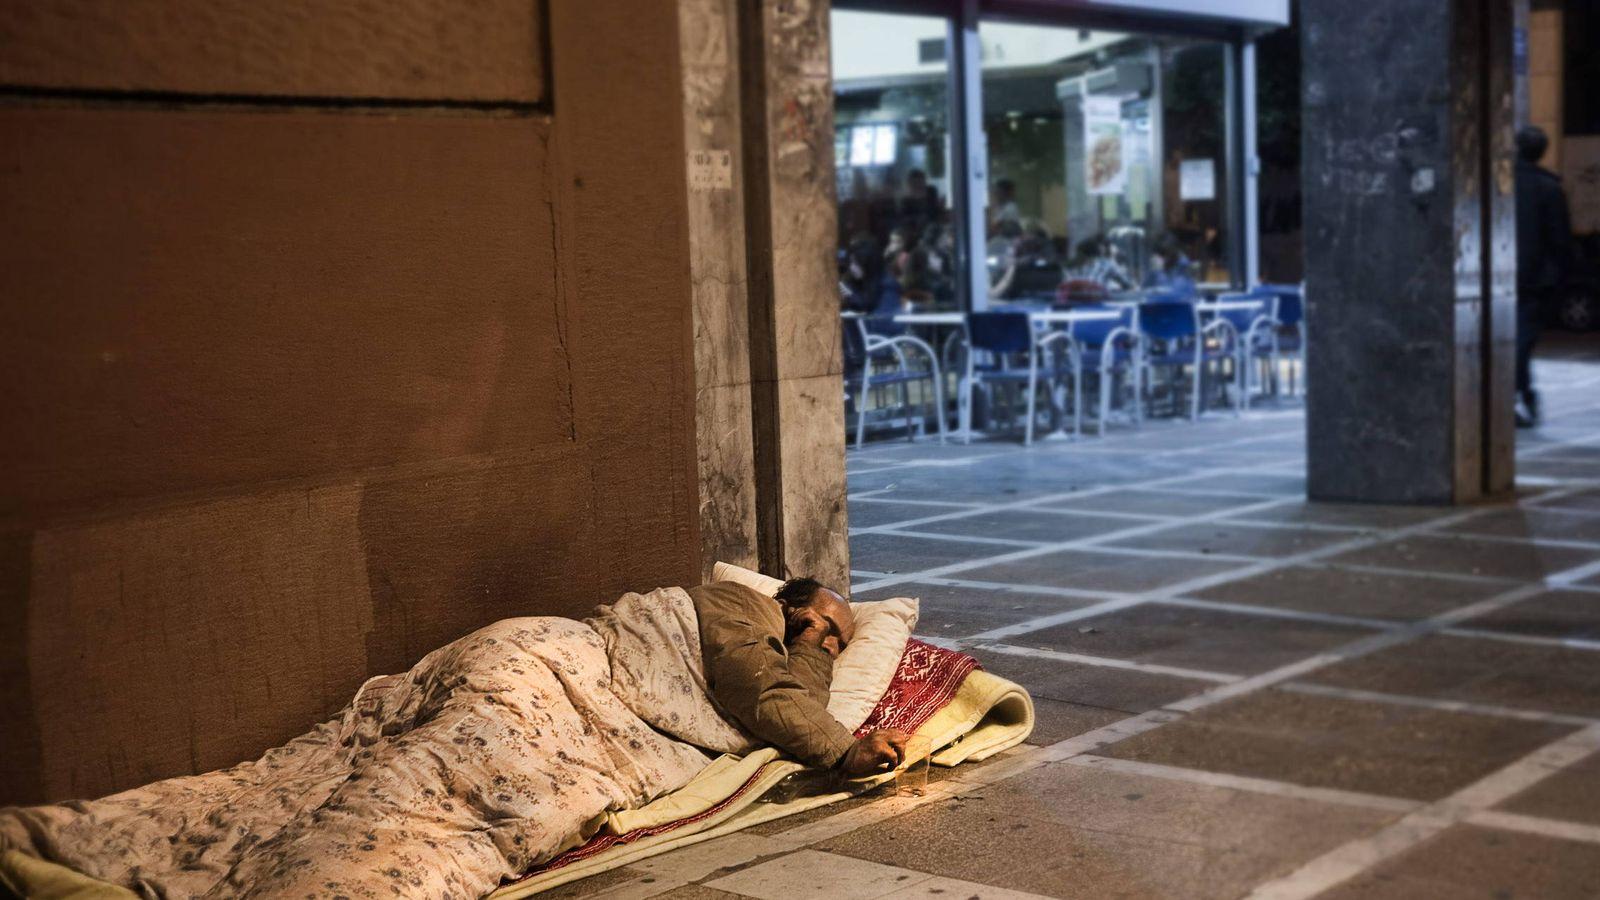 Foto: Una persona 'sin techo' duerme en la calle. (EFE)